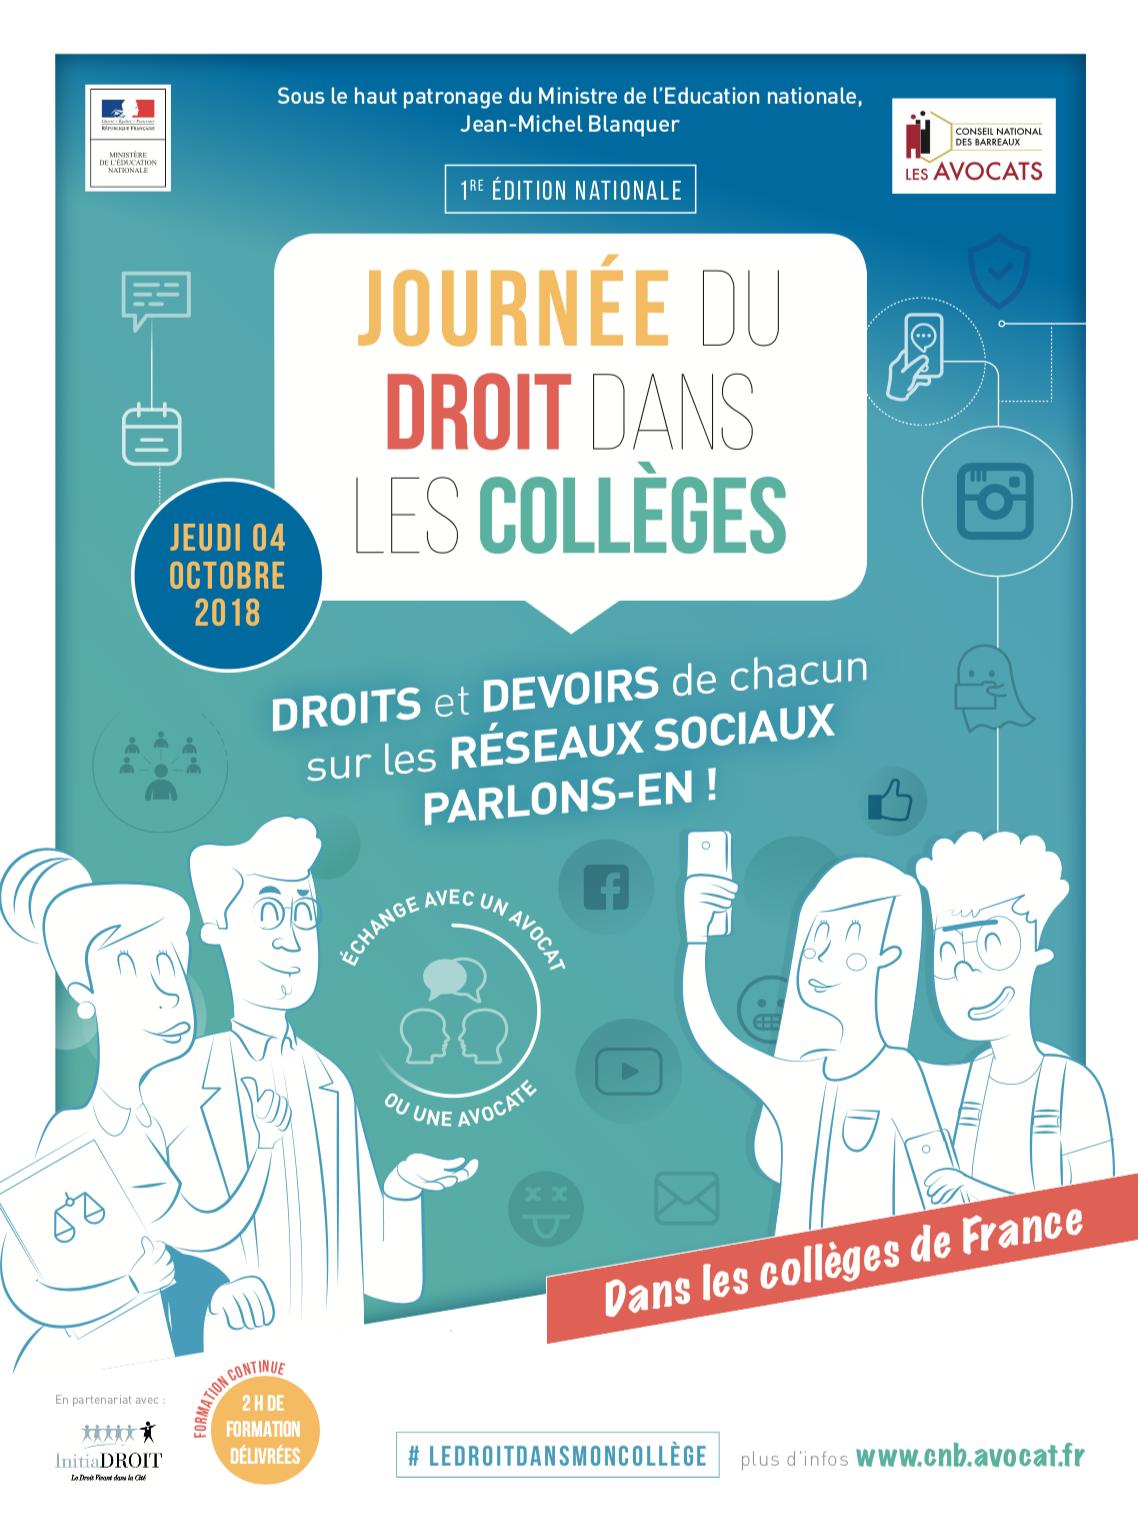 Affiche Journee du droit dans les colleges 2018 CNB